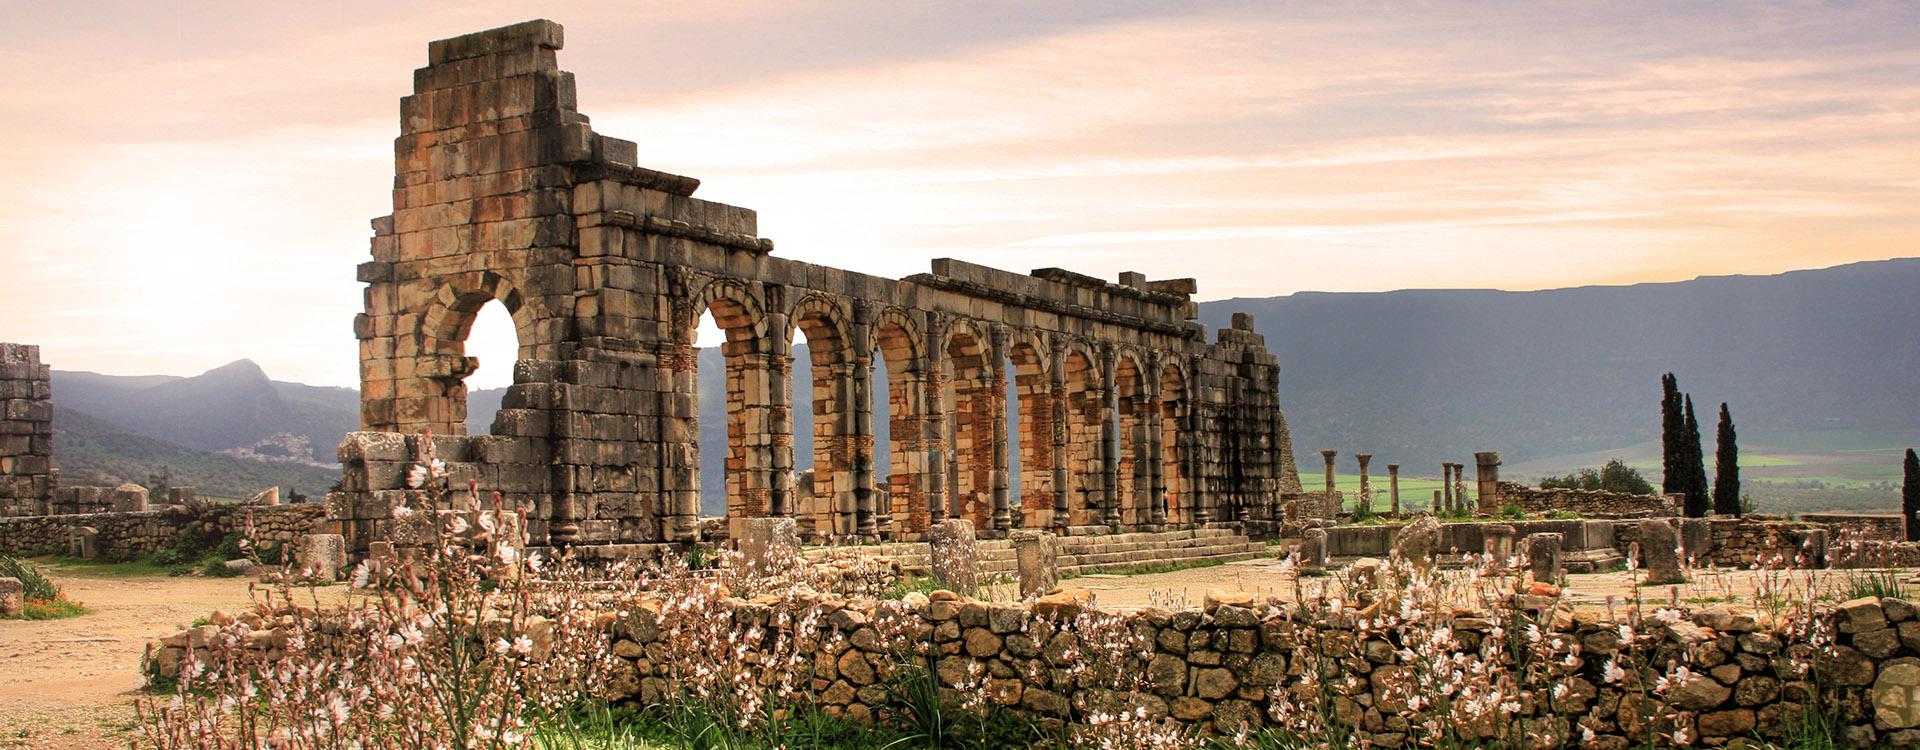 Volubilis, Roman city of antiquity in Morocco